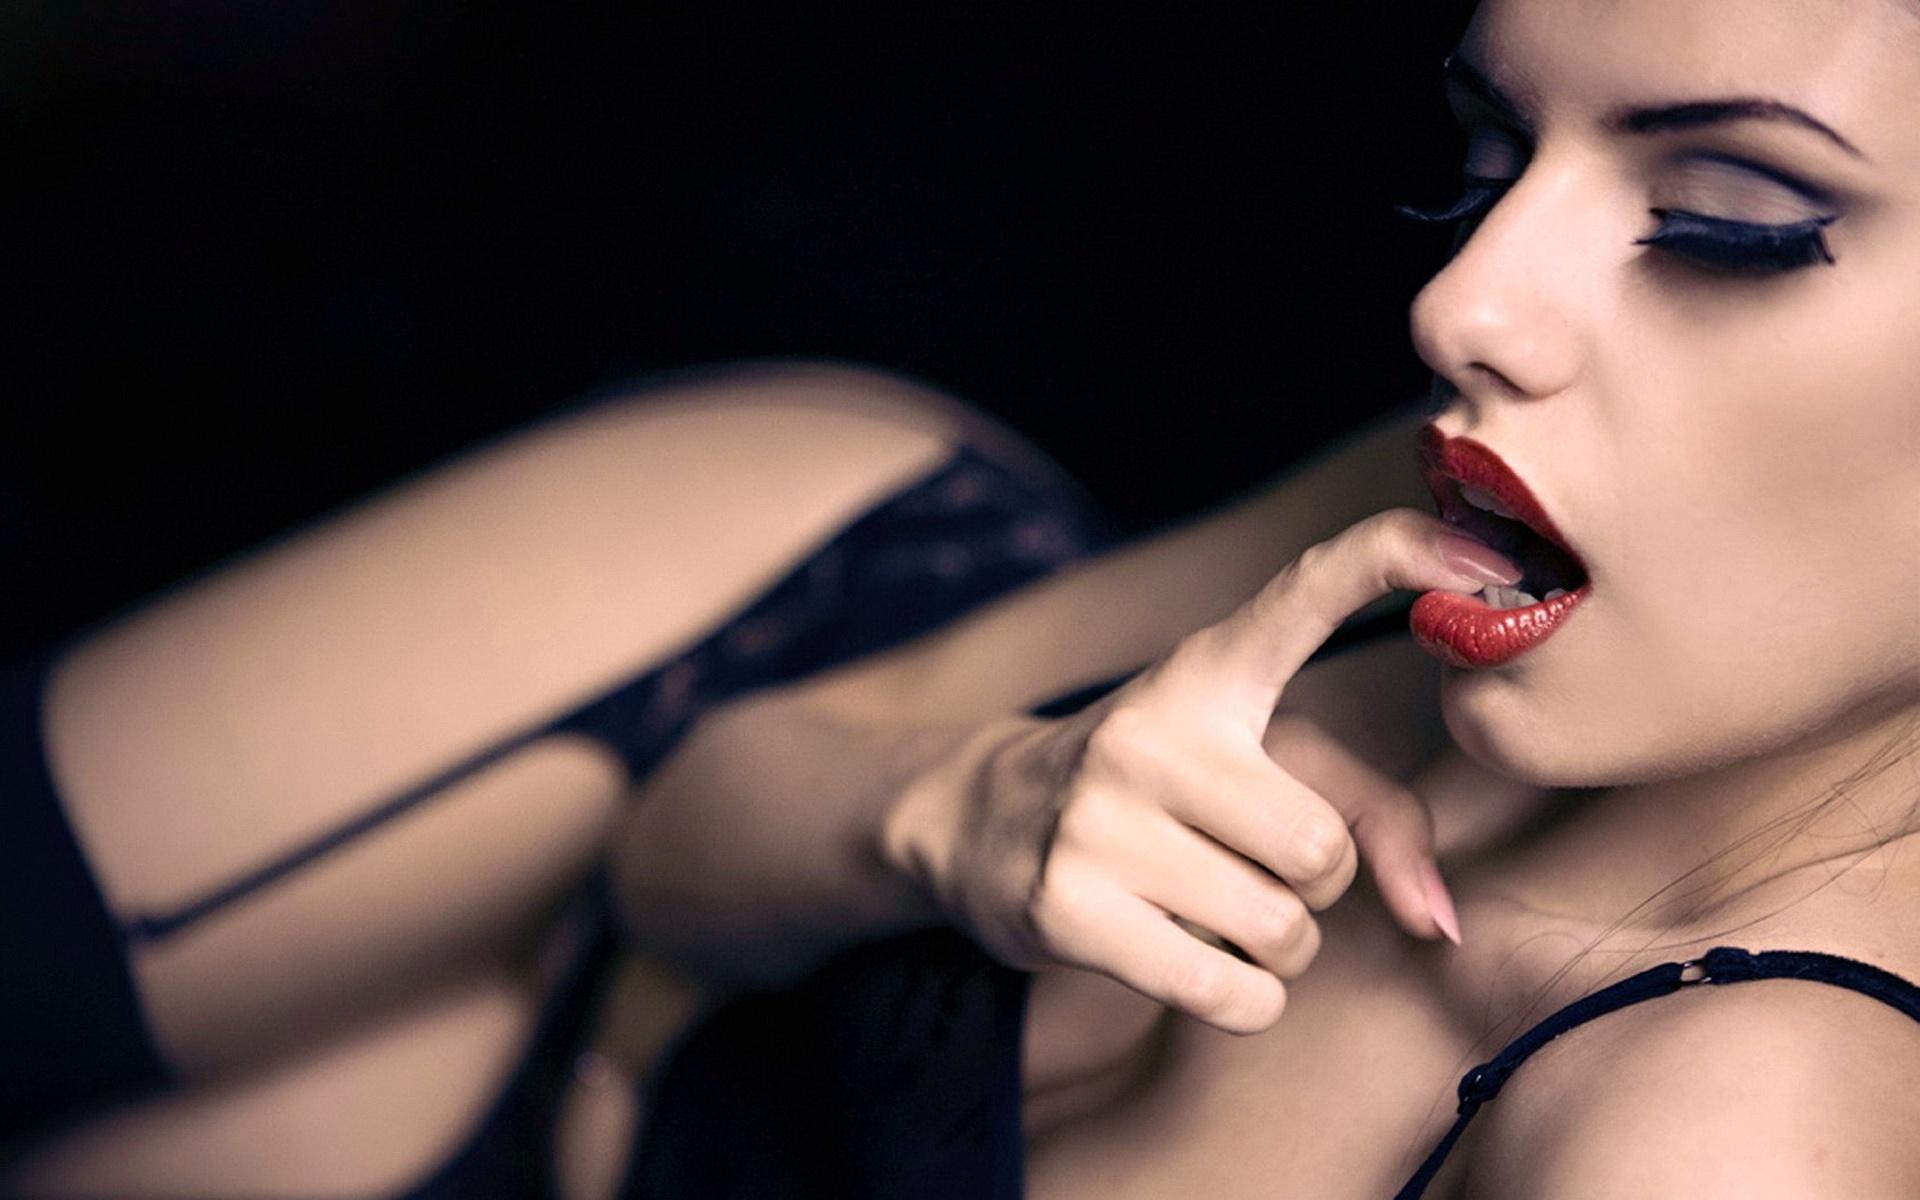 желаемого фото гиф красные губы и пальцы кто все изготовил